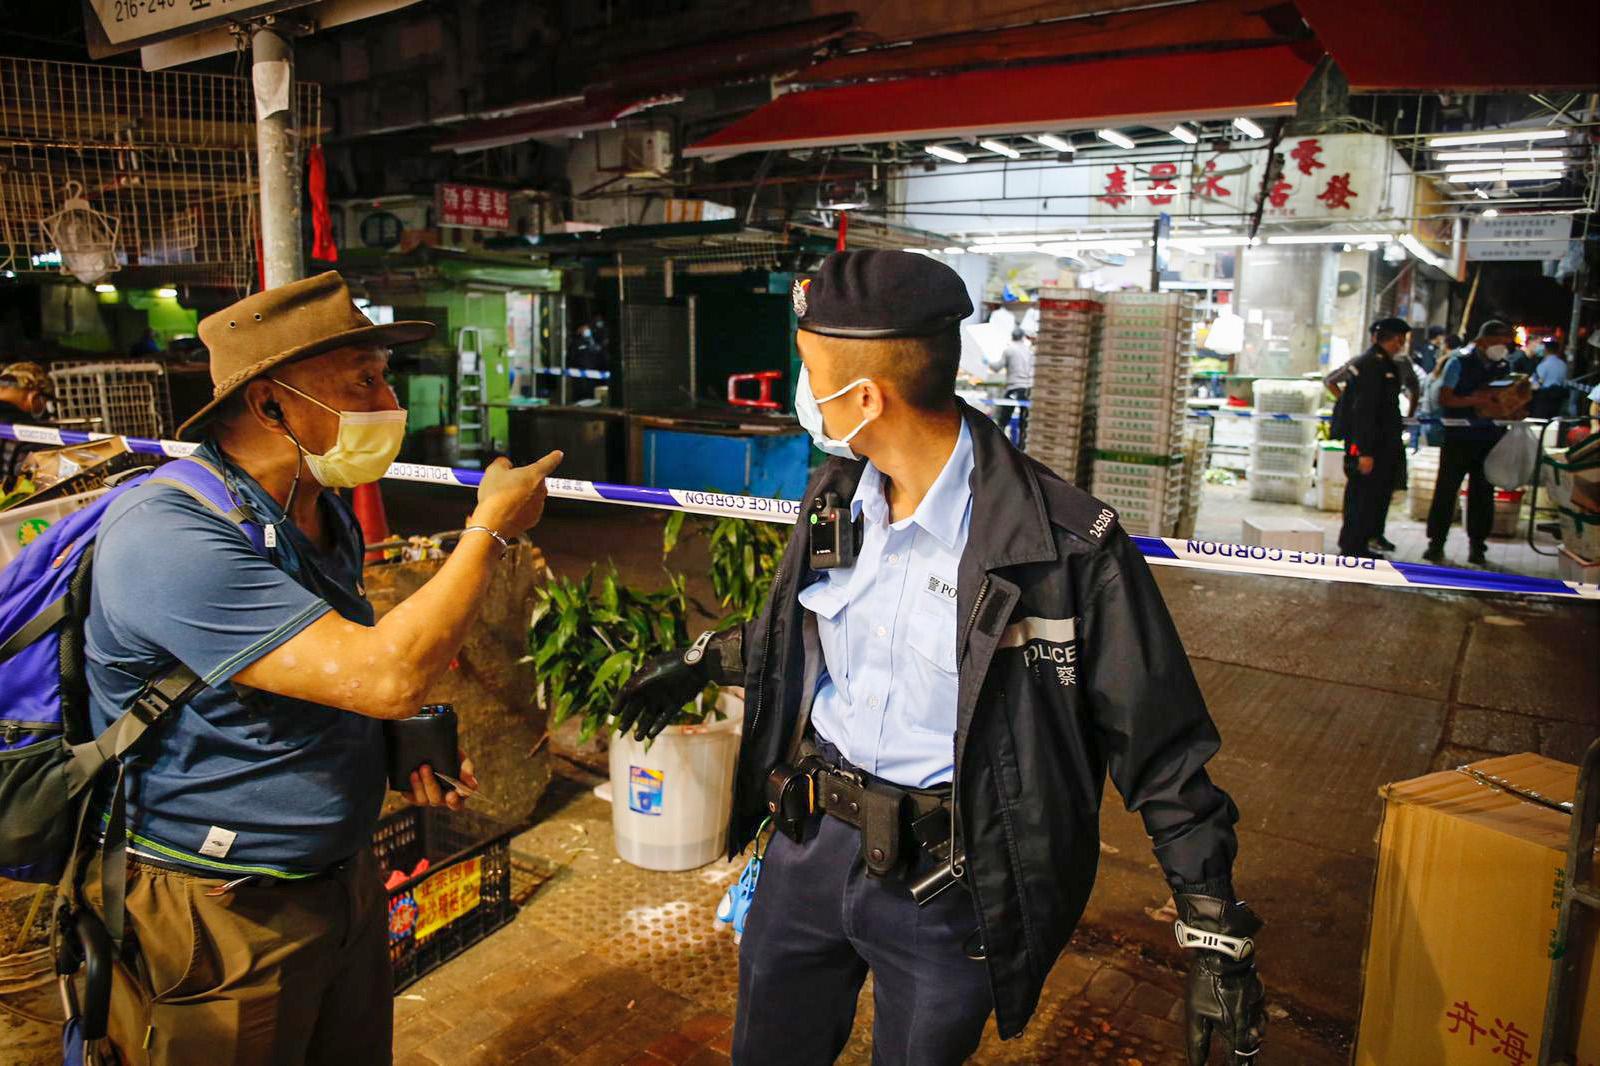 Penguncian Sham Shui Po